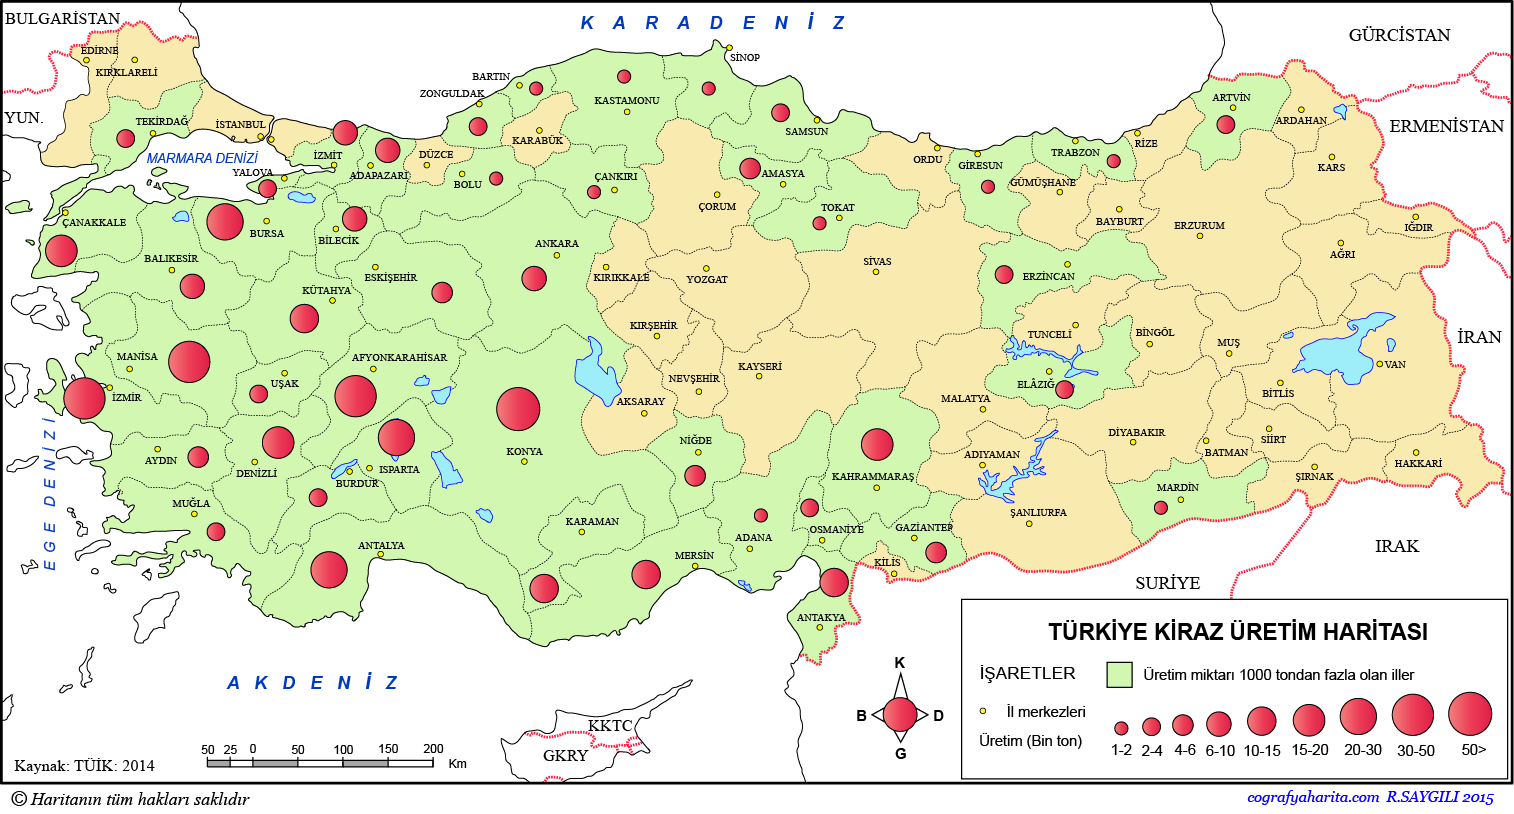 Türkiye Kiraz Üretim Haritası